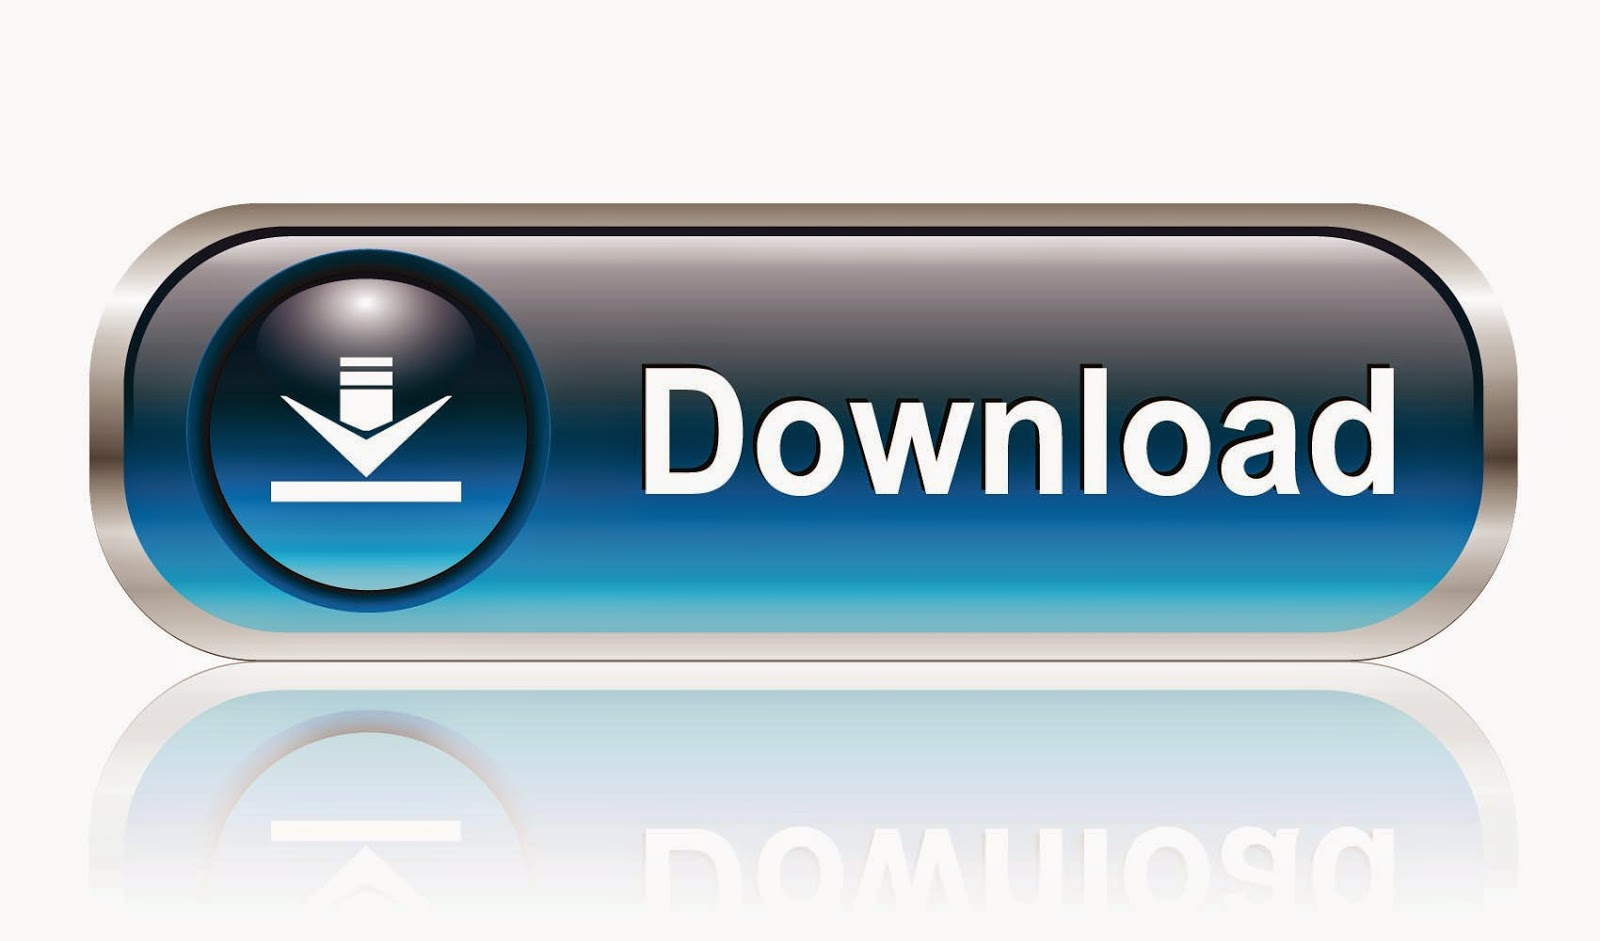 """<img src=""""http://1.bp.blogspot.com/-vgw30SPPjvs/U1ahRihsseI/AAAAAAAACZo/ooGydR7_szs/s1600/netscantools.png"""" alt=""""NetScanTools Basic 2.30 Free Download"""" />"""